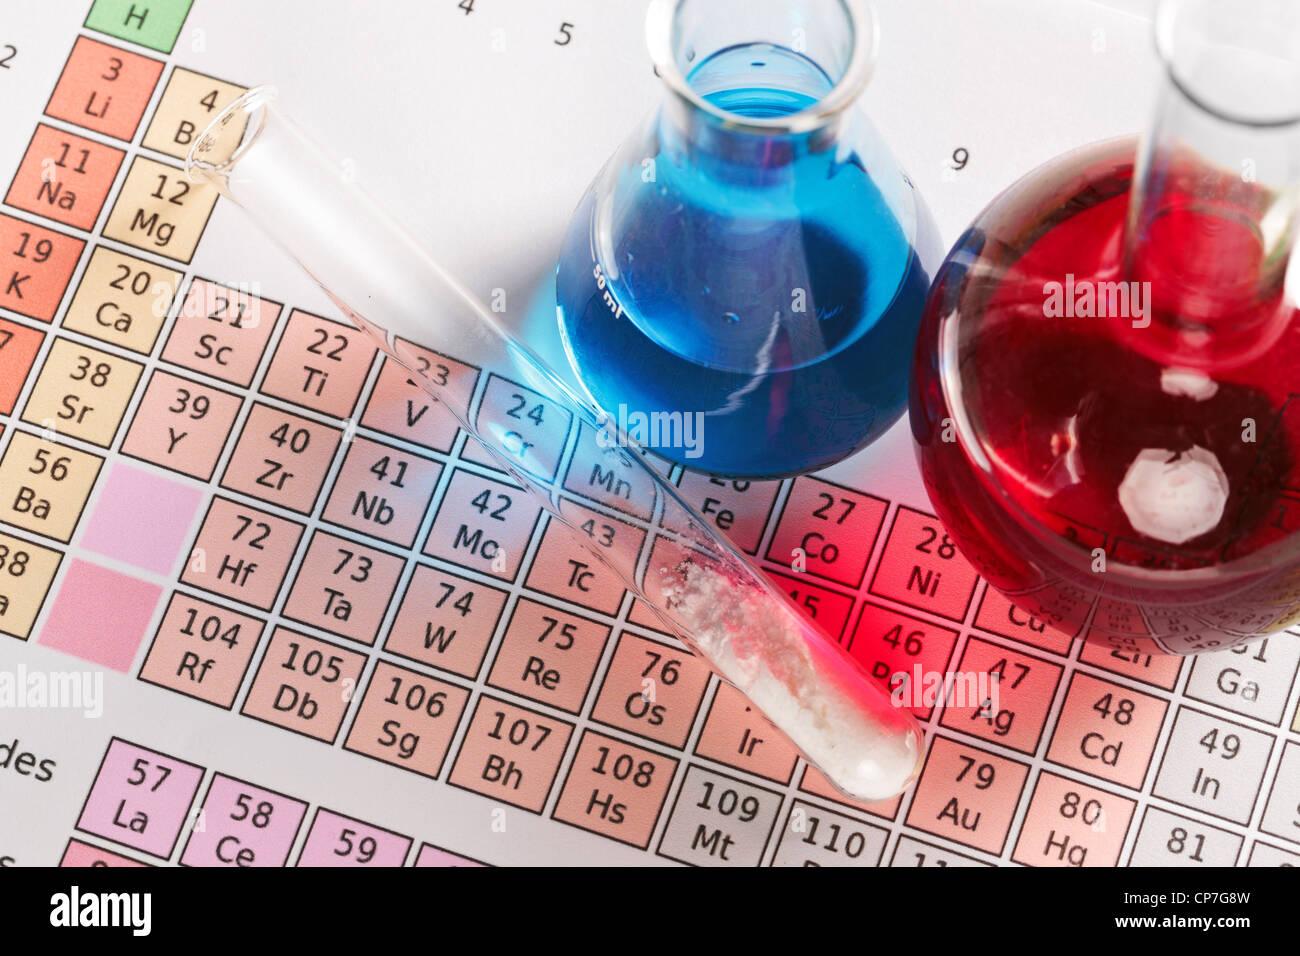 Foto di una tavola periodica degli elementi con palloni e tubo di prova contenenti prodotti chimici sia liquidi Immagini Stock